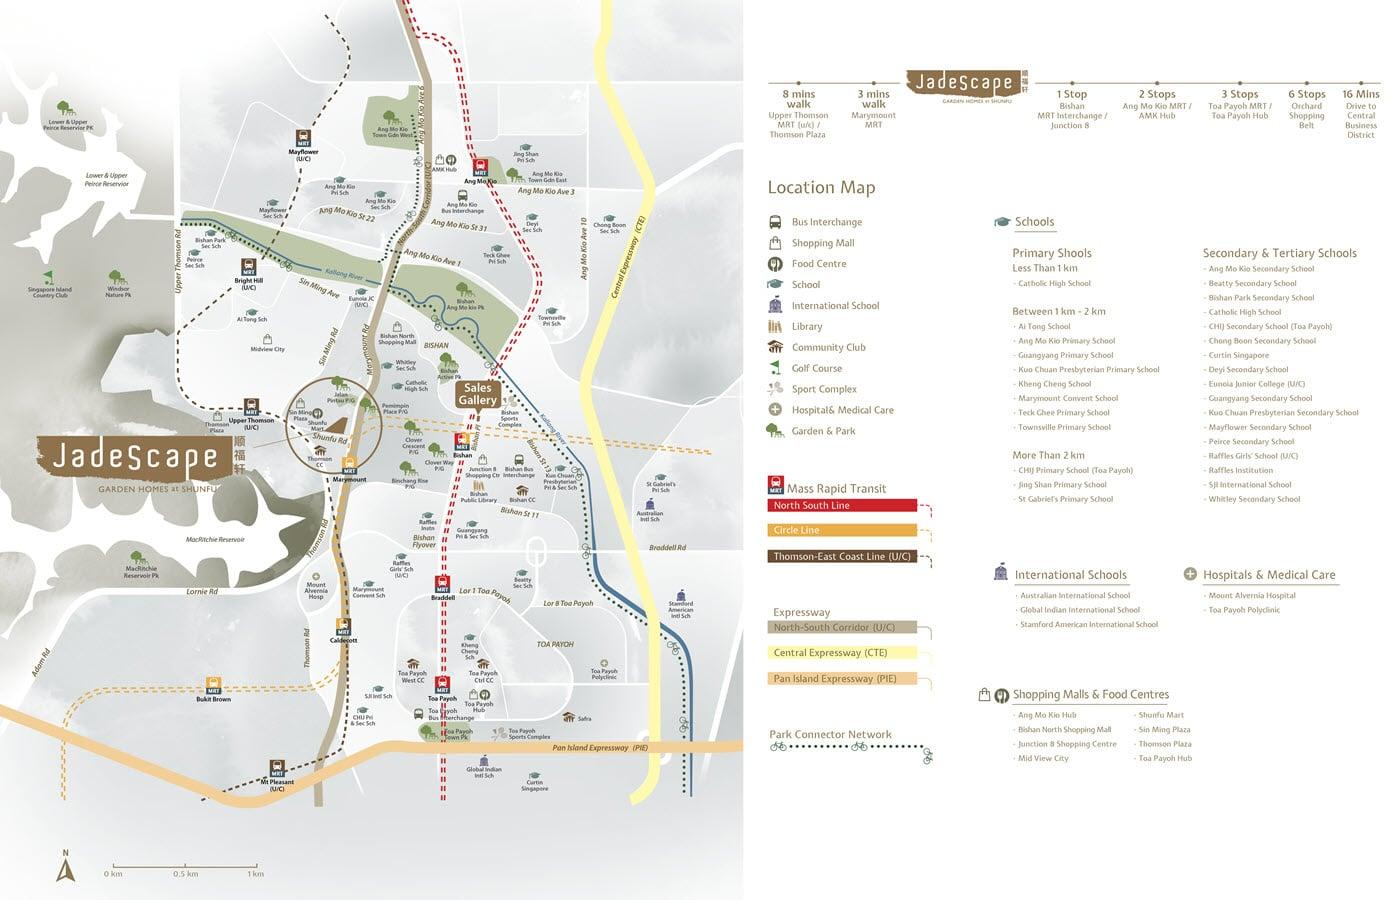 Jadescape Condo Location Map